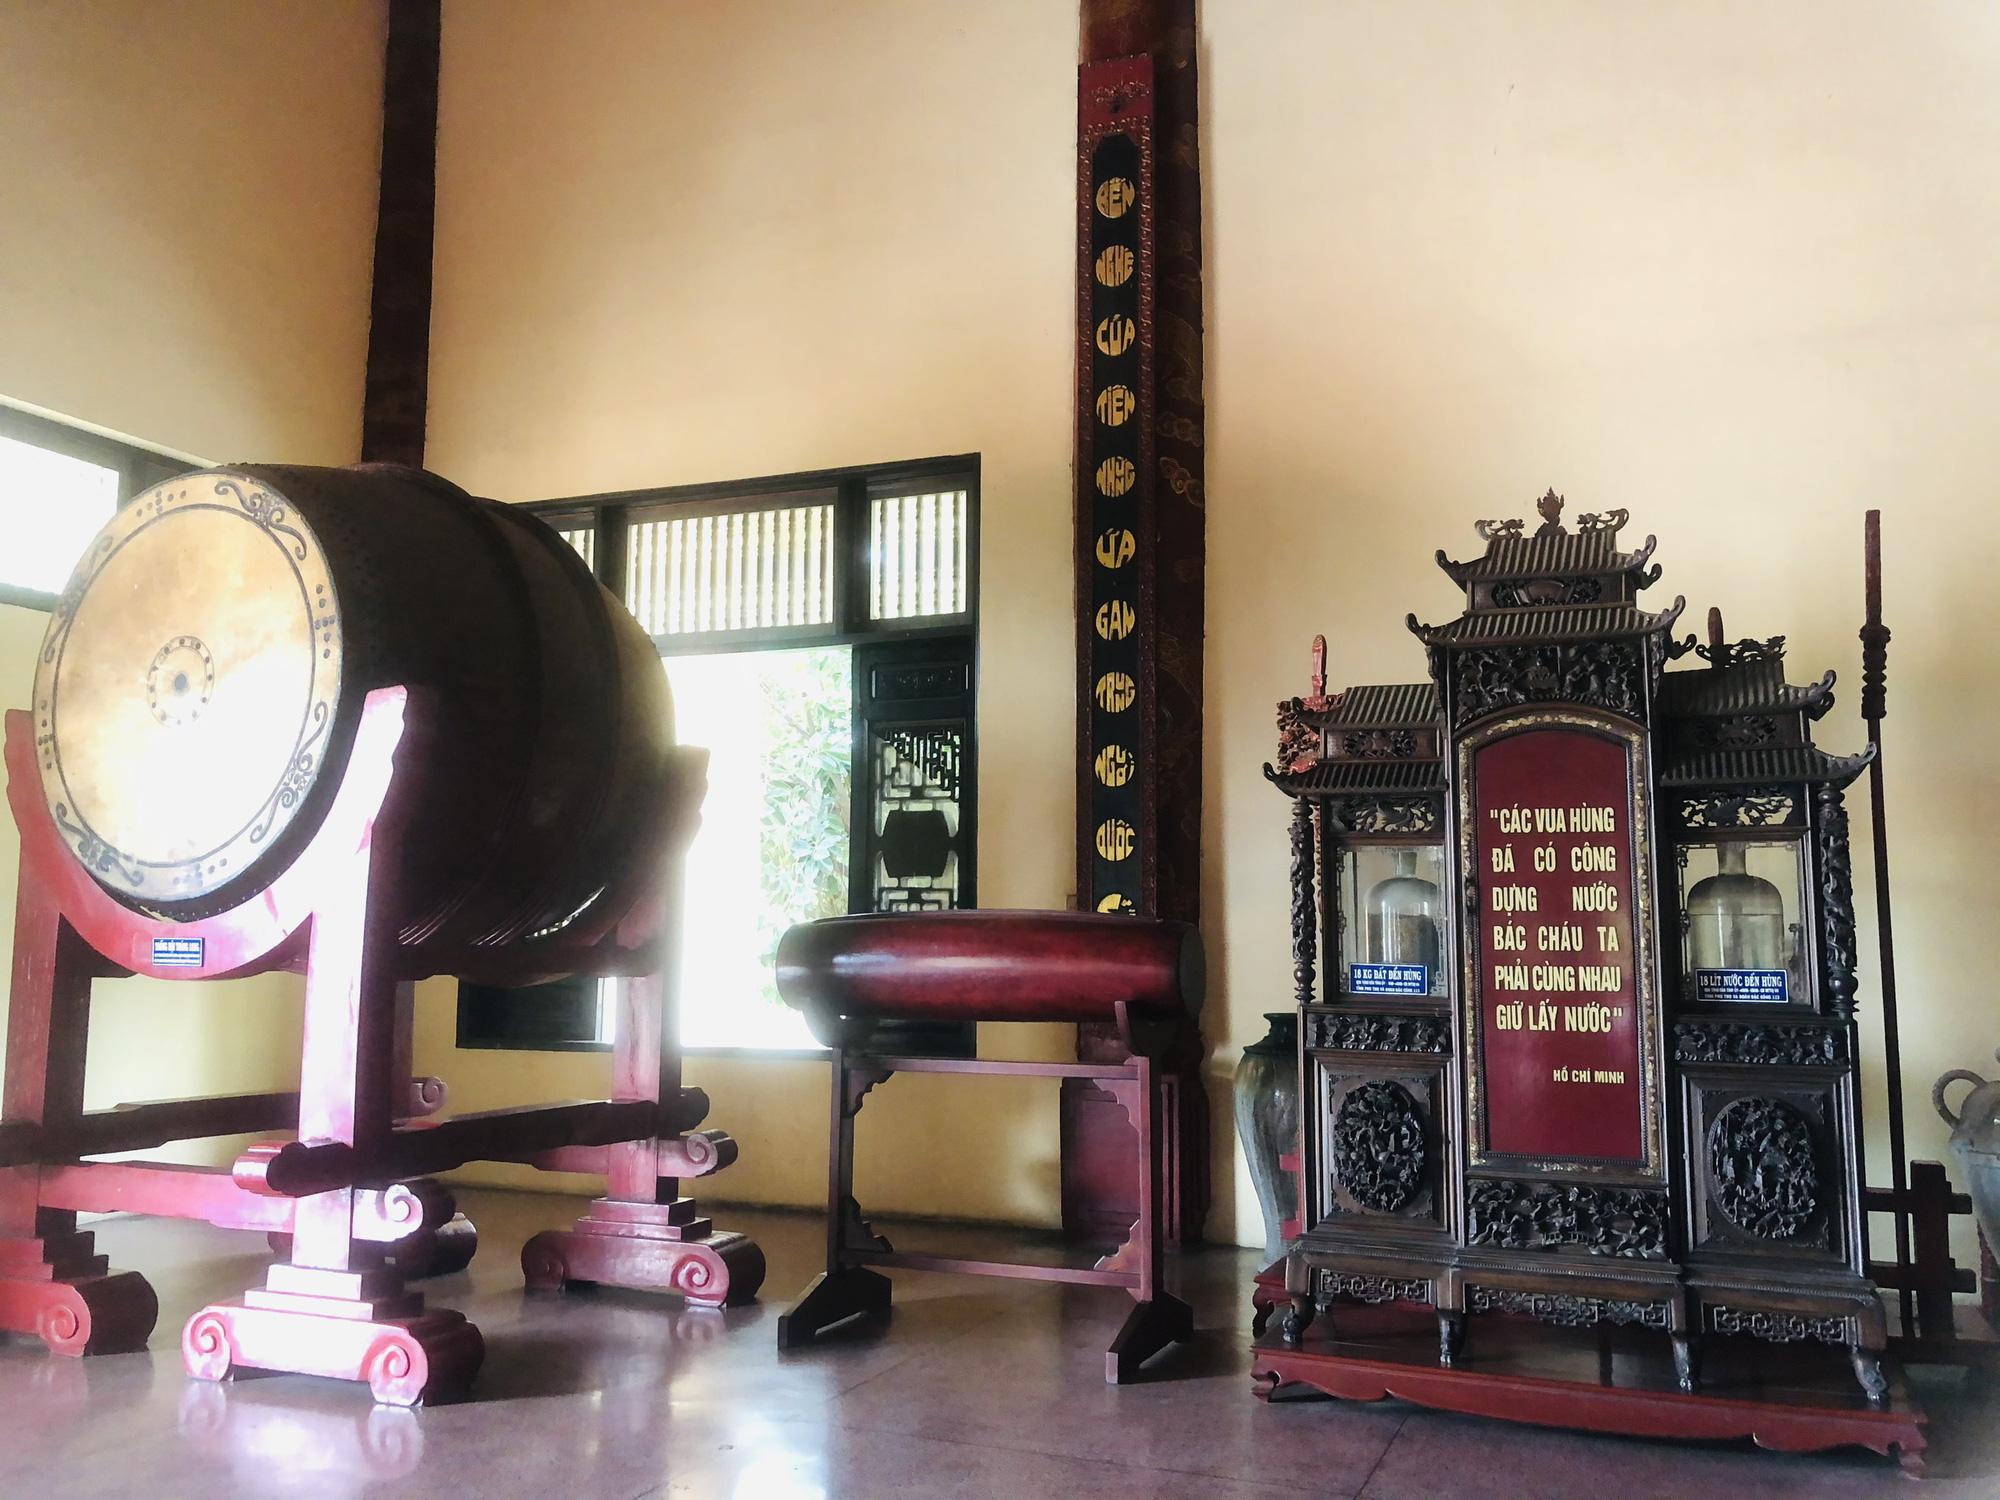 Văn miếu đầu tiên của miền Nam, nơi lưu giữ truyền thống văn hoá - giáo dục đất Biên Hoà - Ảnh 8.